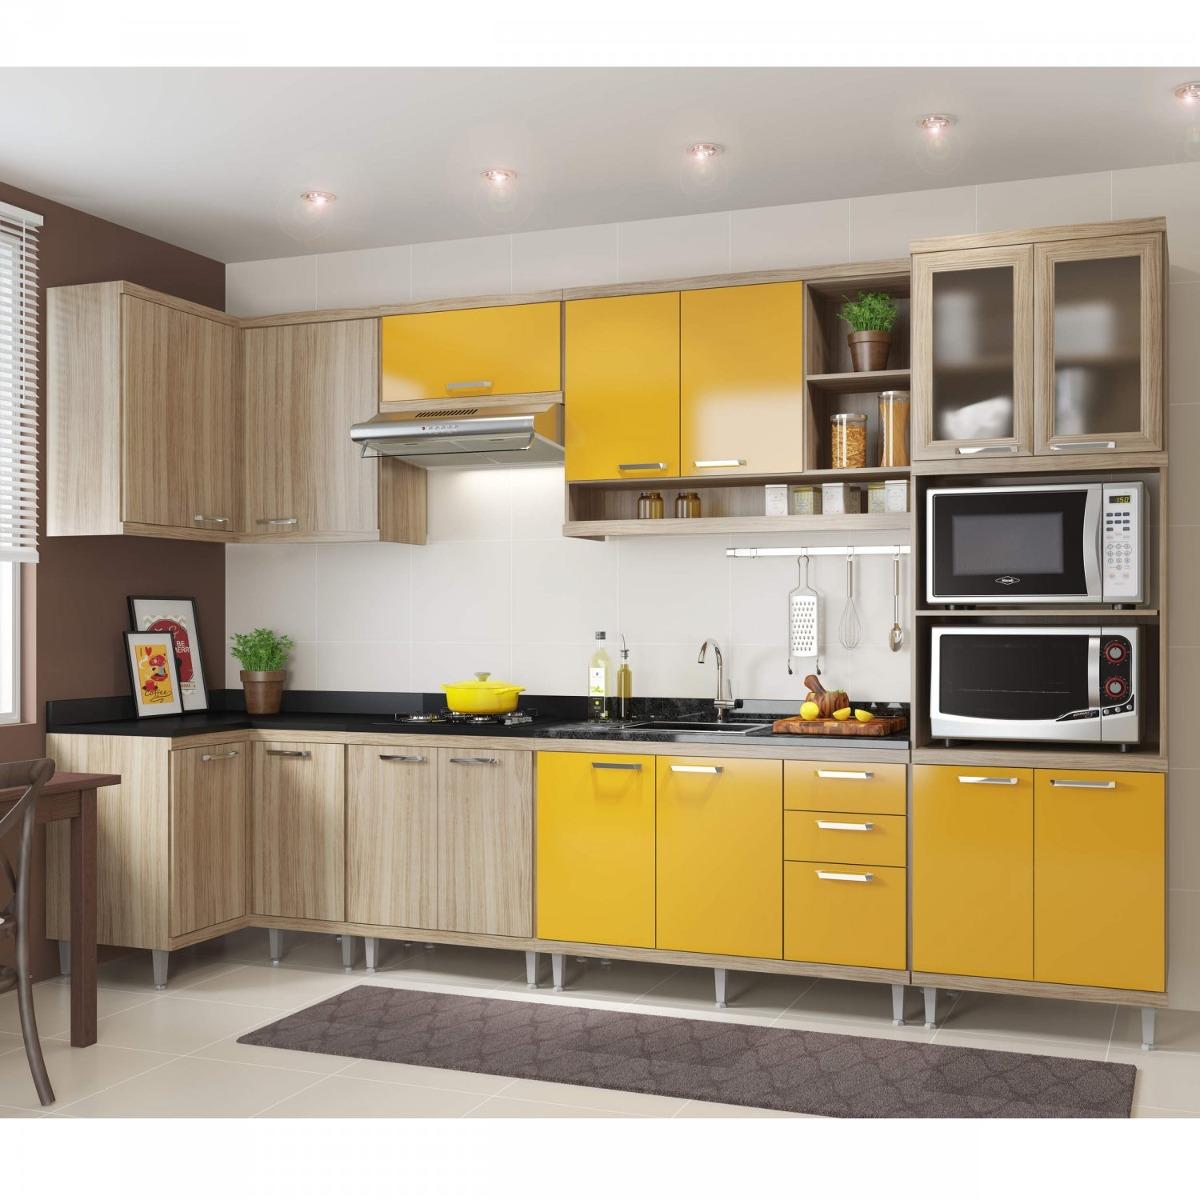 Cozinha Completa Canto Com Balc O Sem Tampo 7 Pe As J R 2 699 90